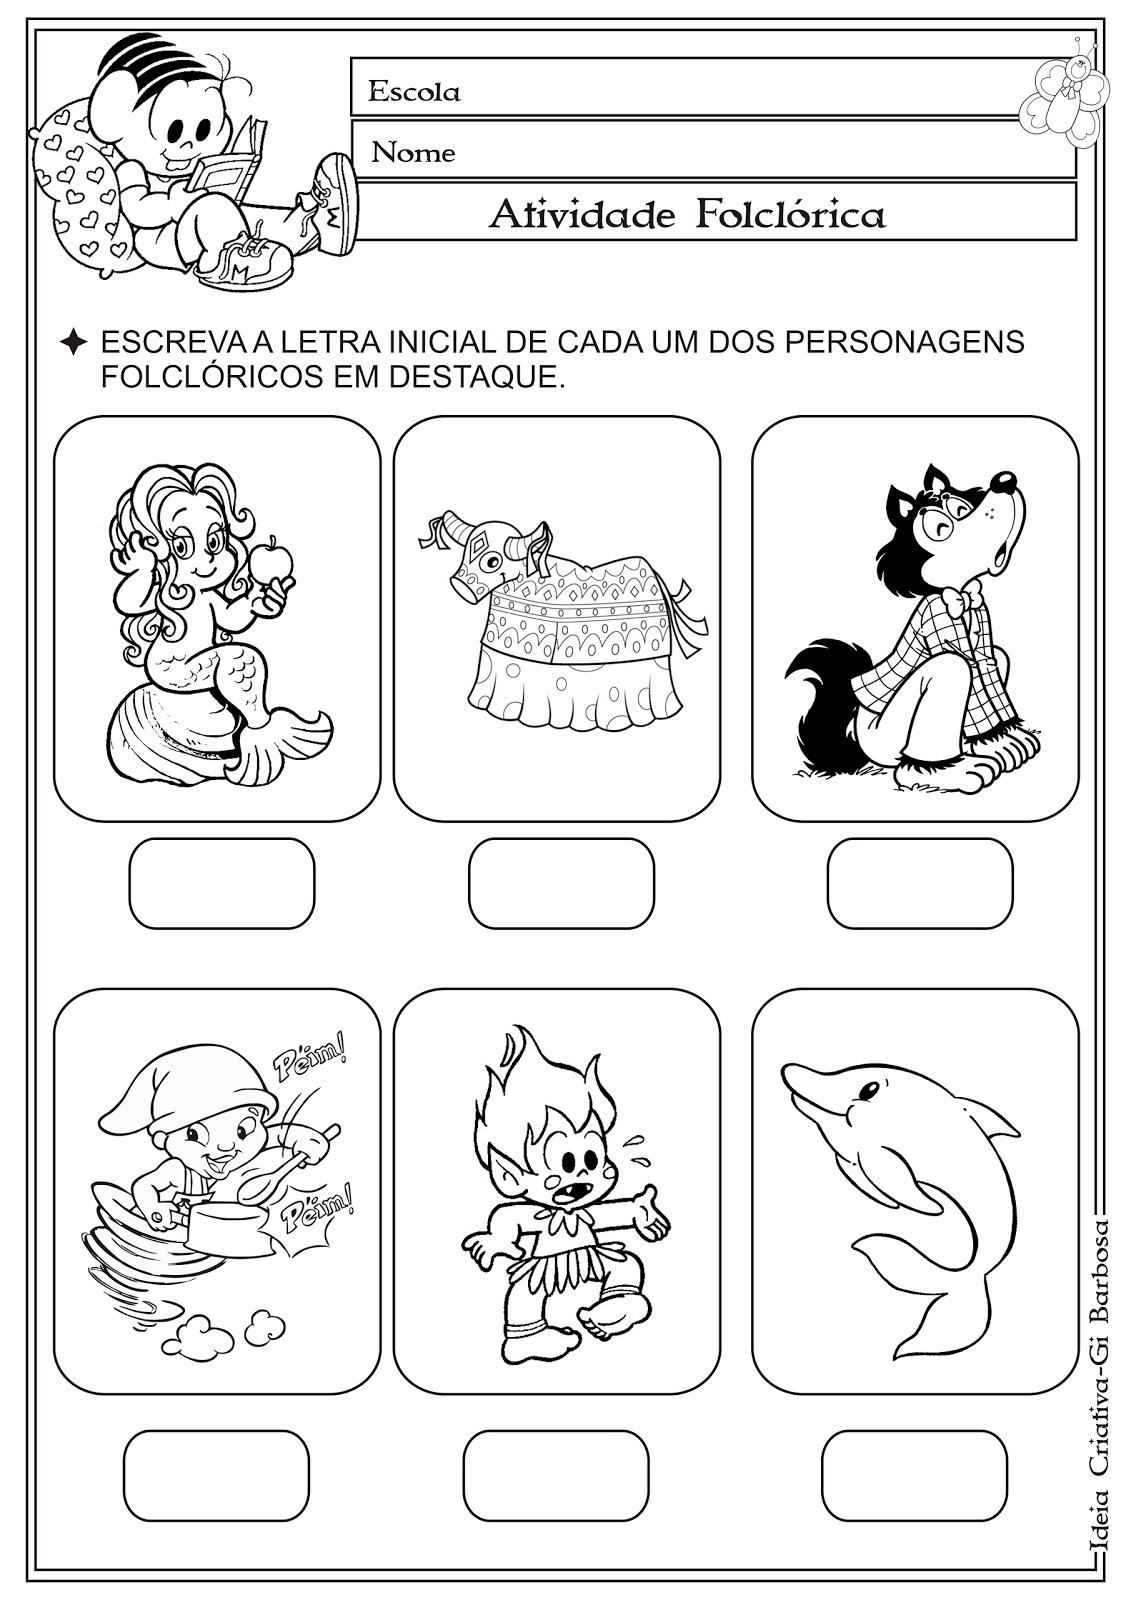 Populares Atividade Auto Ditado Letra Inicial Temática Folclore | Ideia  IC66